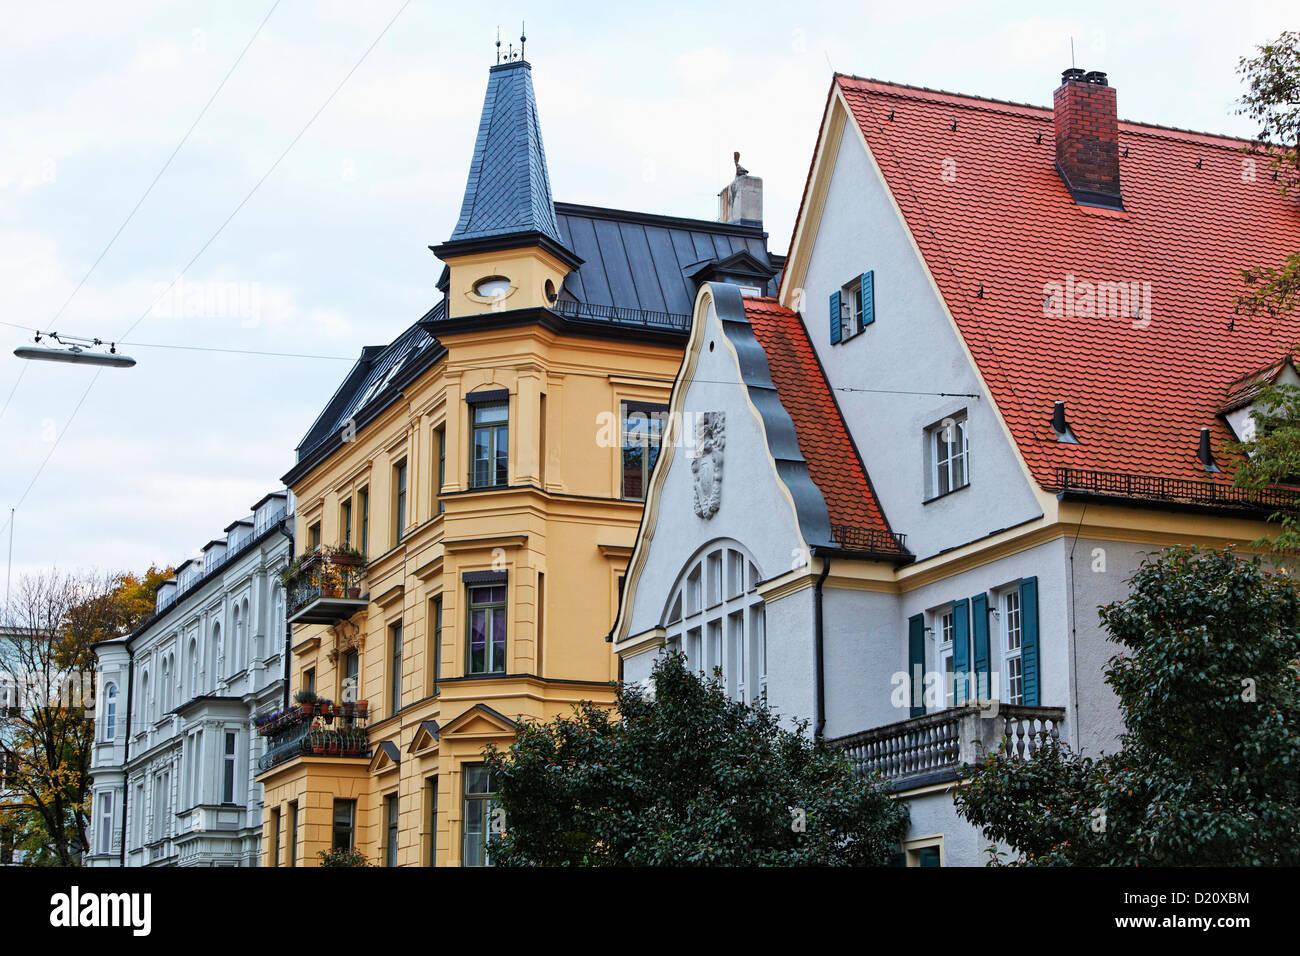 Historischen Wohn Häuser in Giselastrasse, Schwabing, München, Upper Bavaria, Bayern, Deutschland, Europa Stockbild